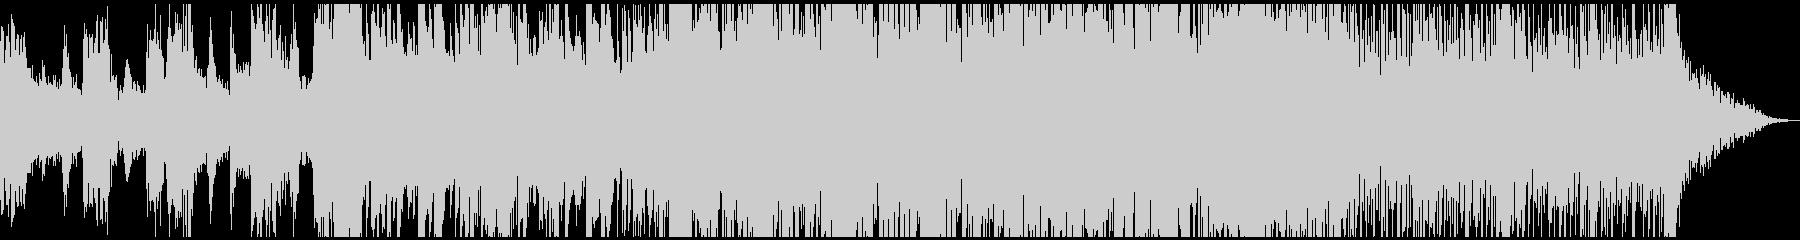 ワールド 民族 電気音響シンフォニ...の未再生の波形